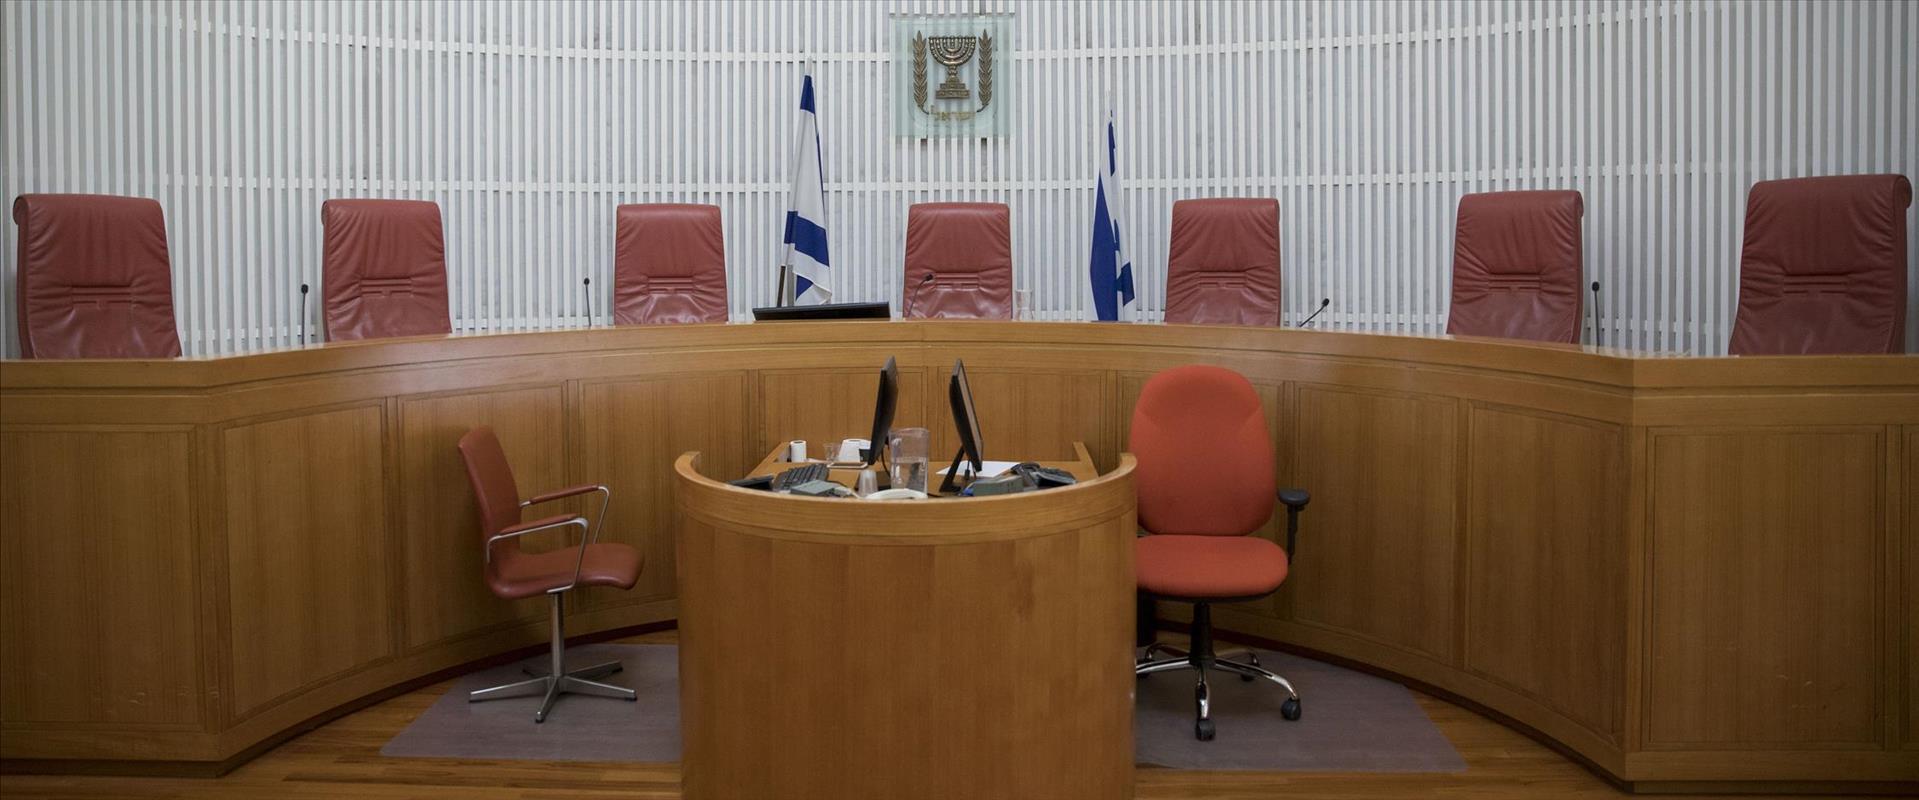 אולם בבית המשפט העליון